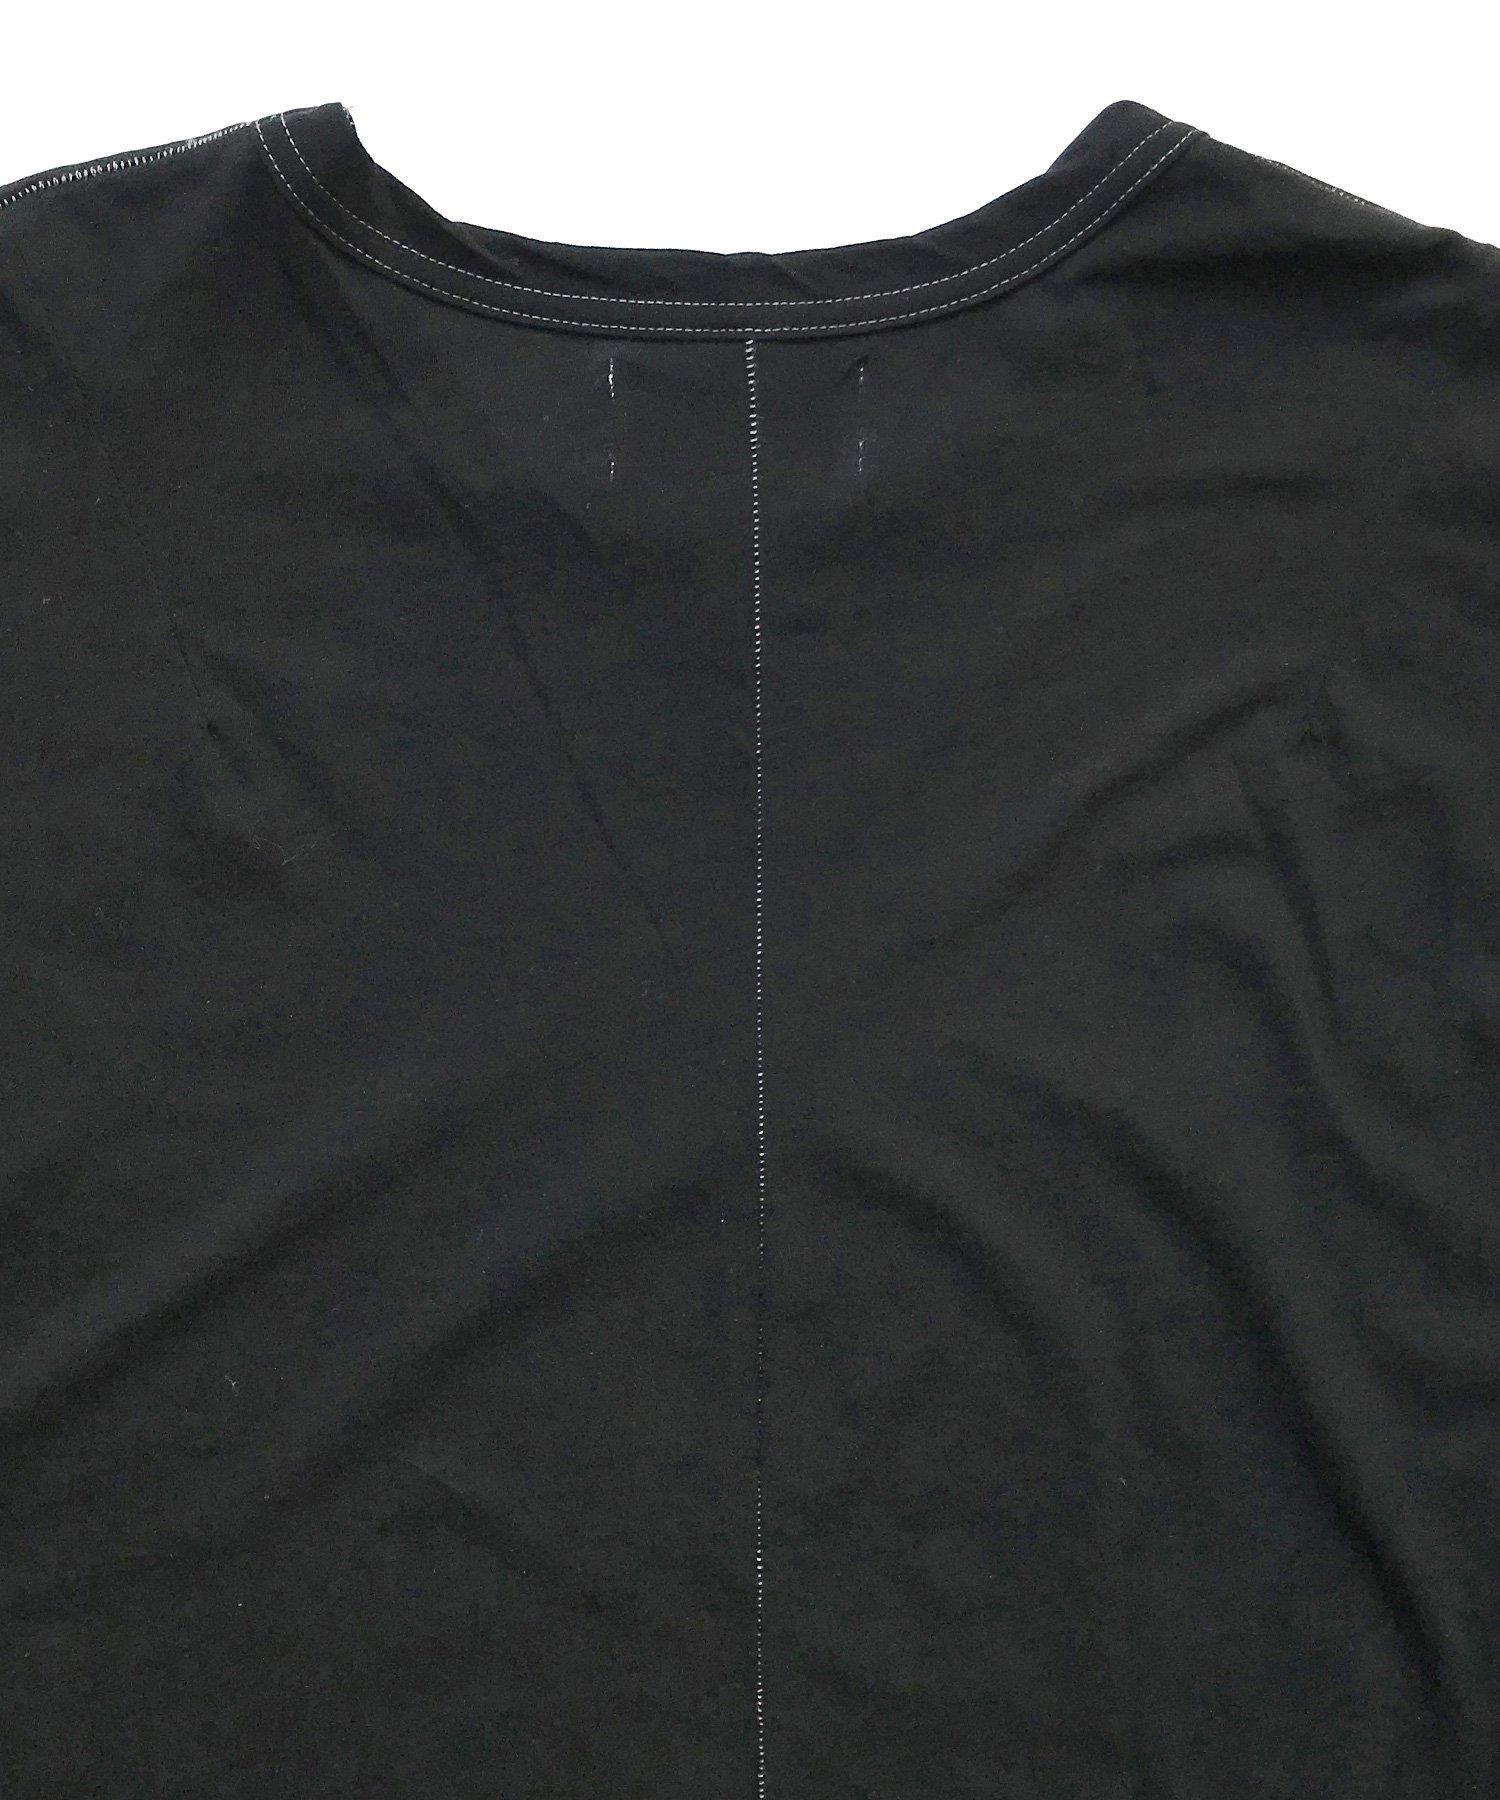 LONG SLIT L/S 【Black】